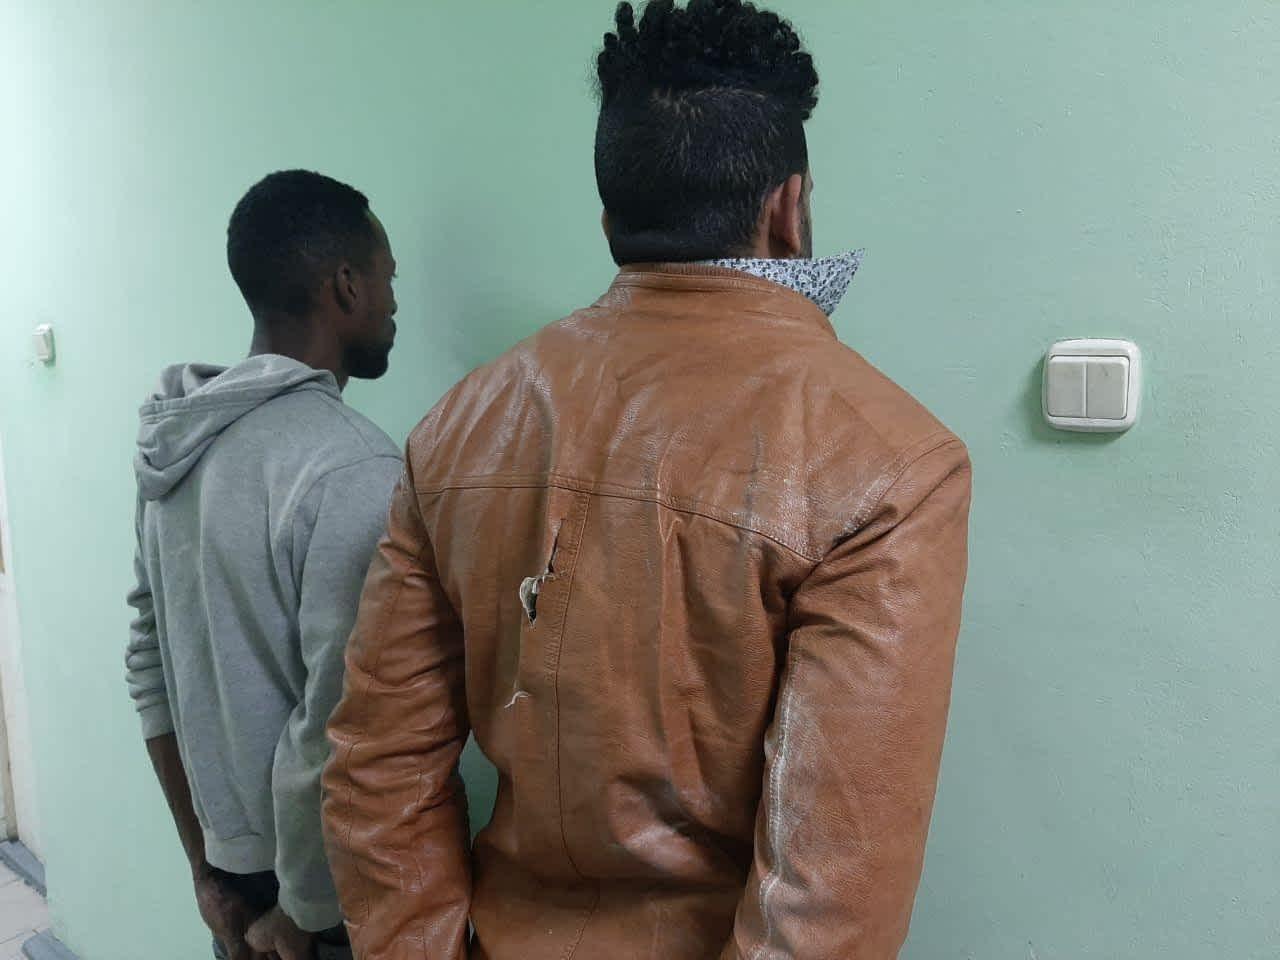 Друзья - «неудачники»: двух искателей лучшей жизни из Кубы задержали вблизи бело...